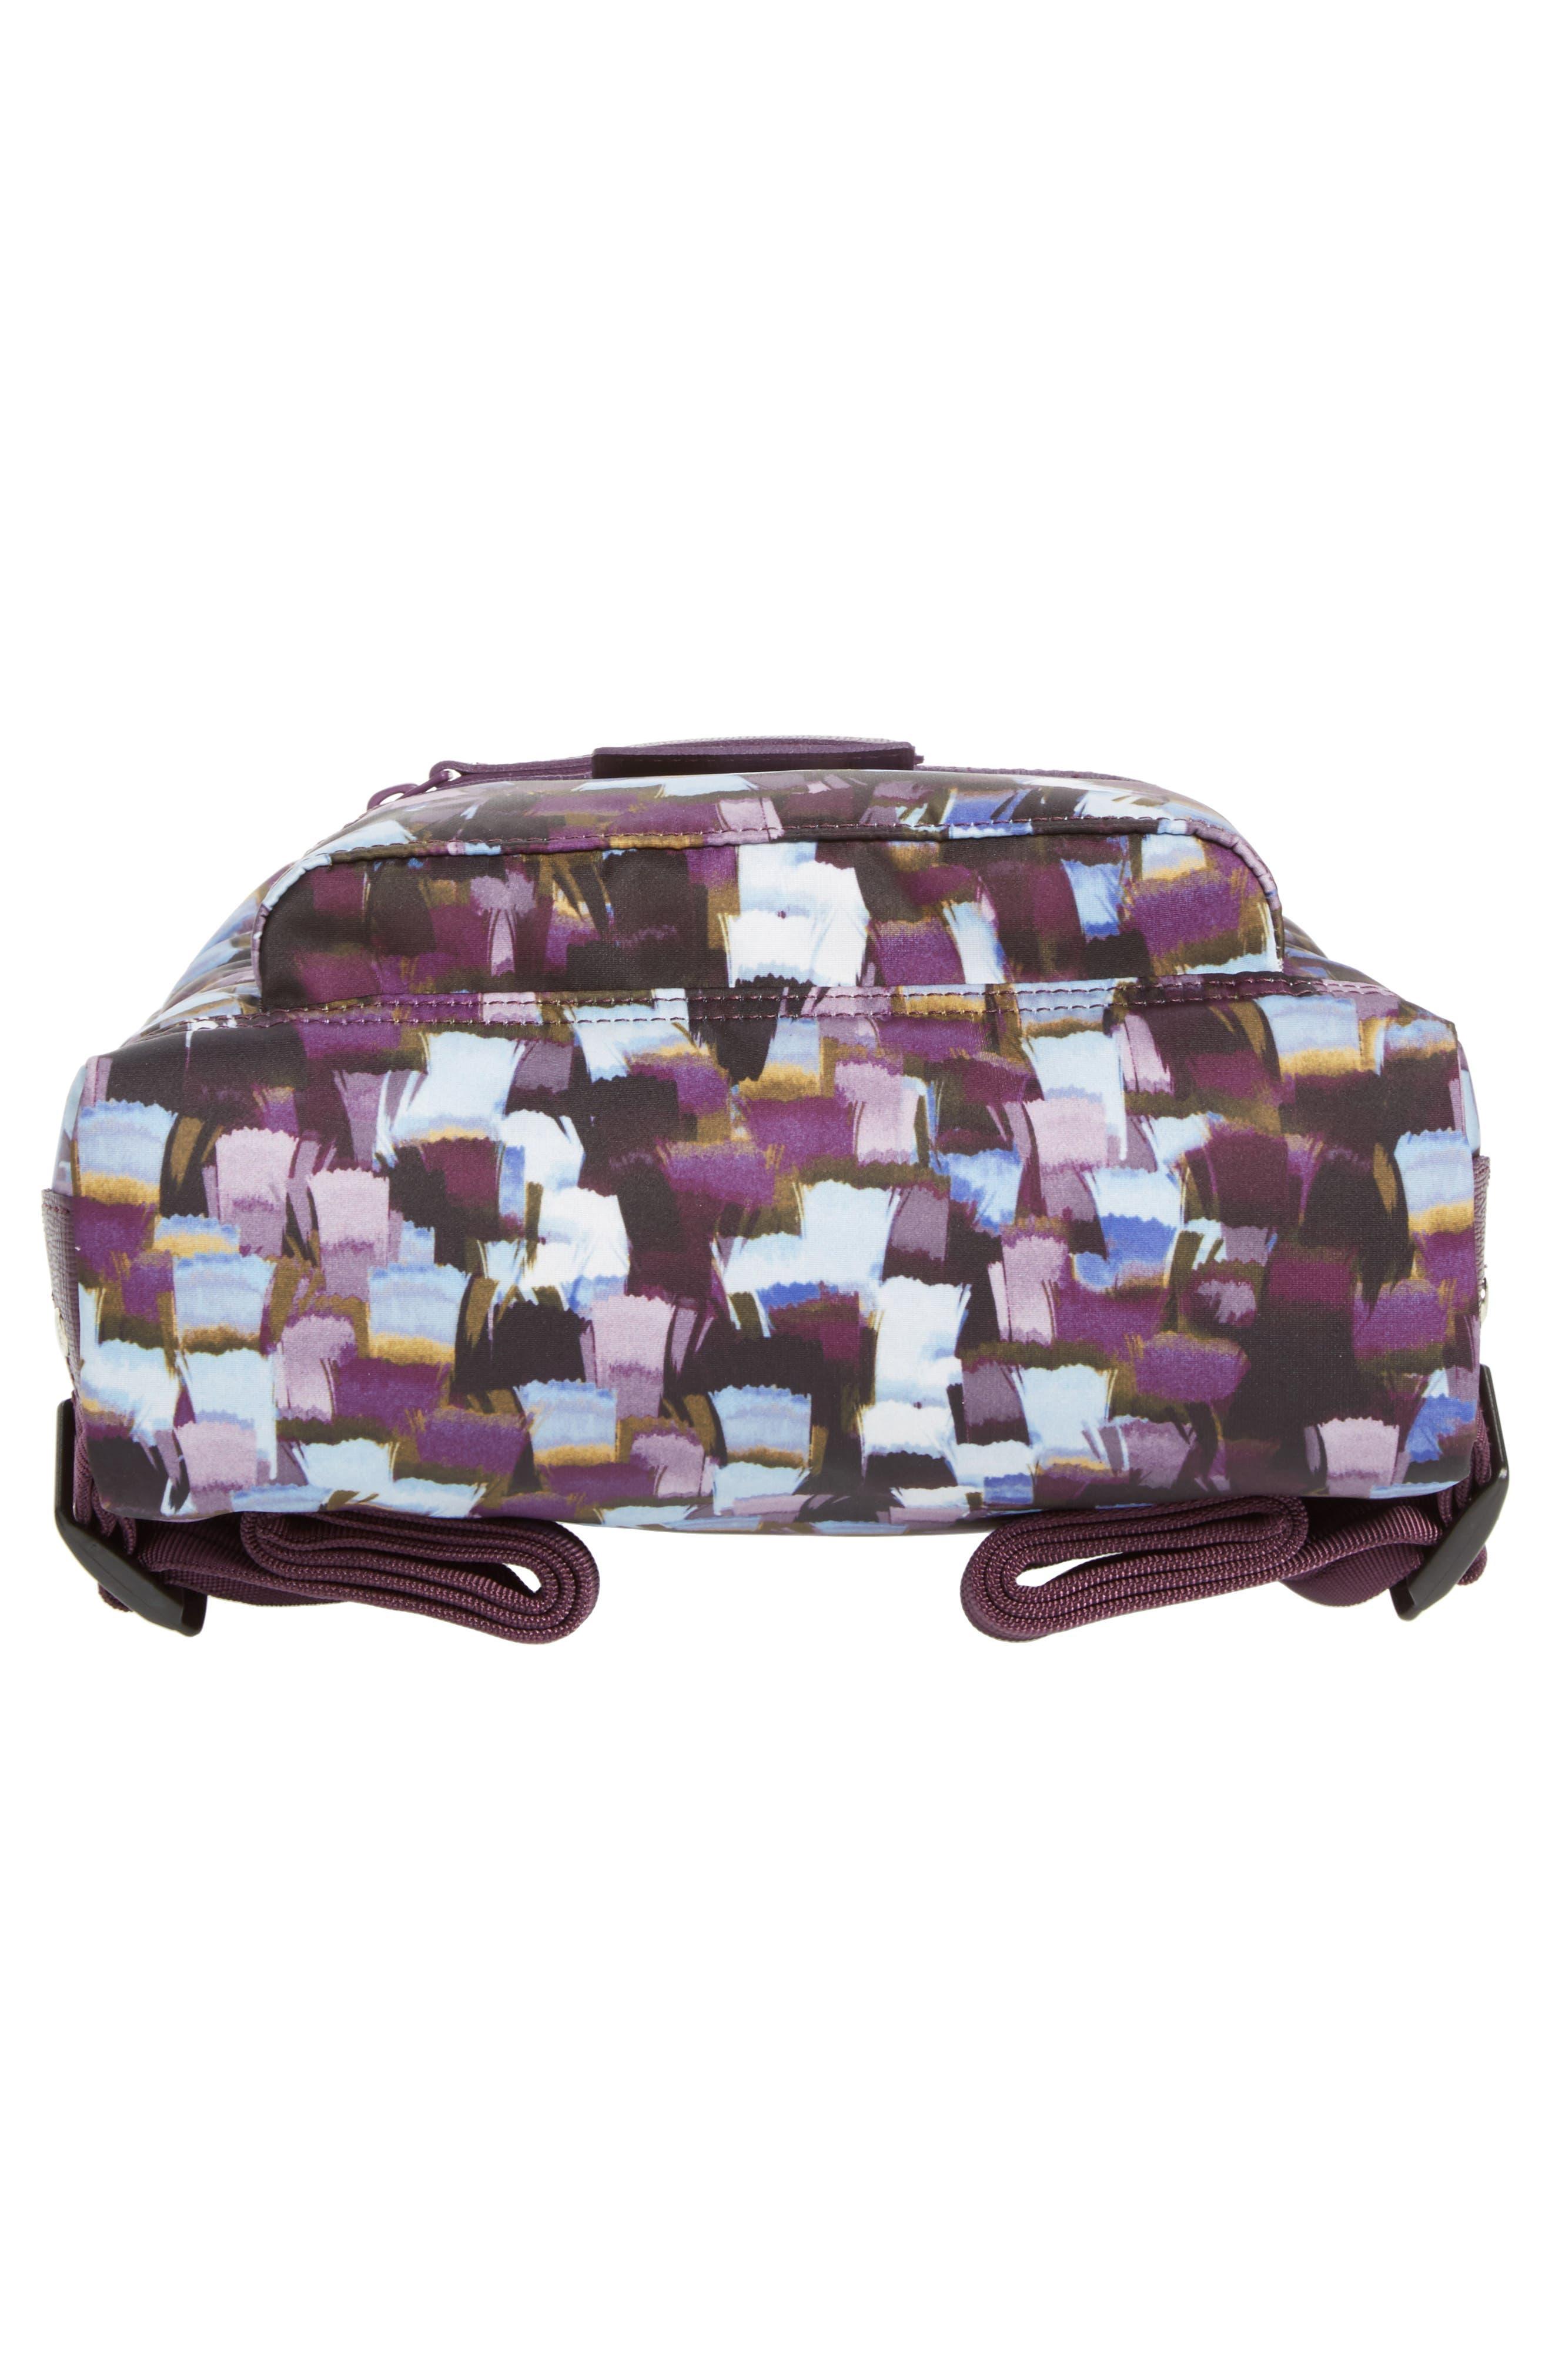 Le Pliage Neo - Vibrations Nylon Backpack,                             Alternate thumbnail 5, color,                             Deep Purple